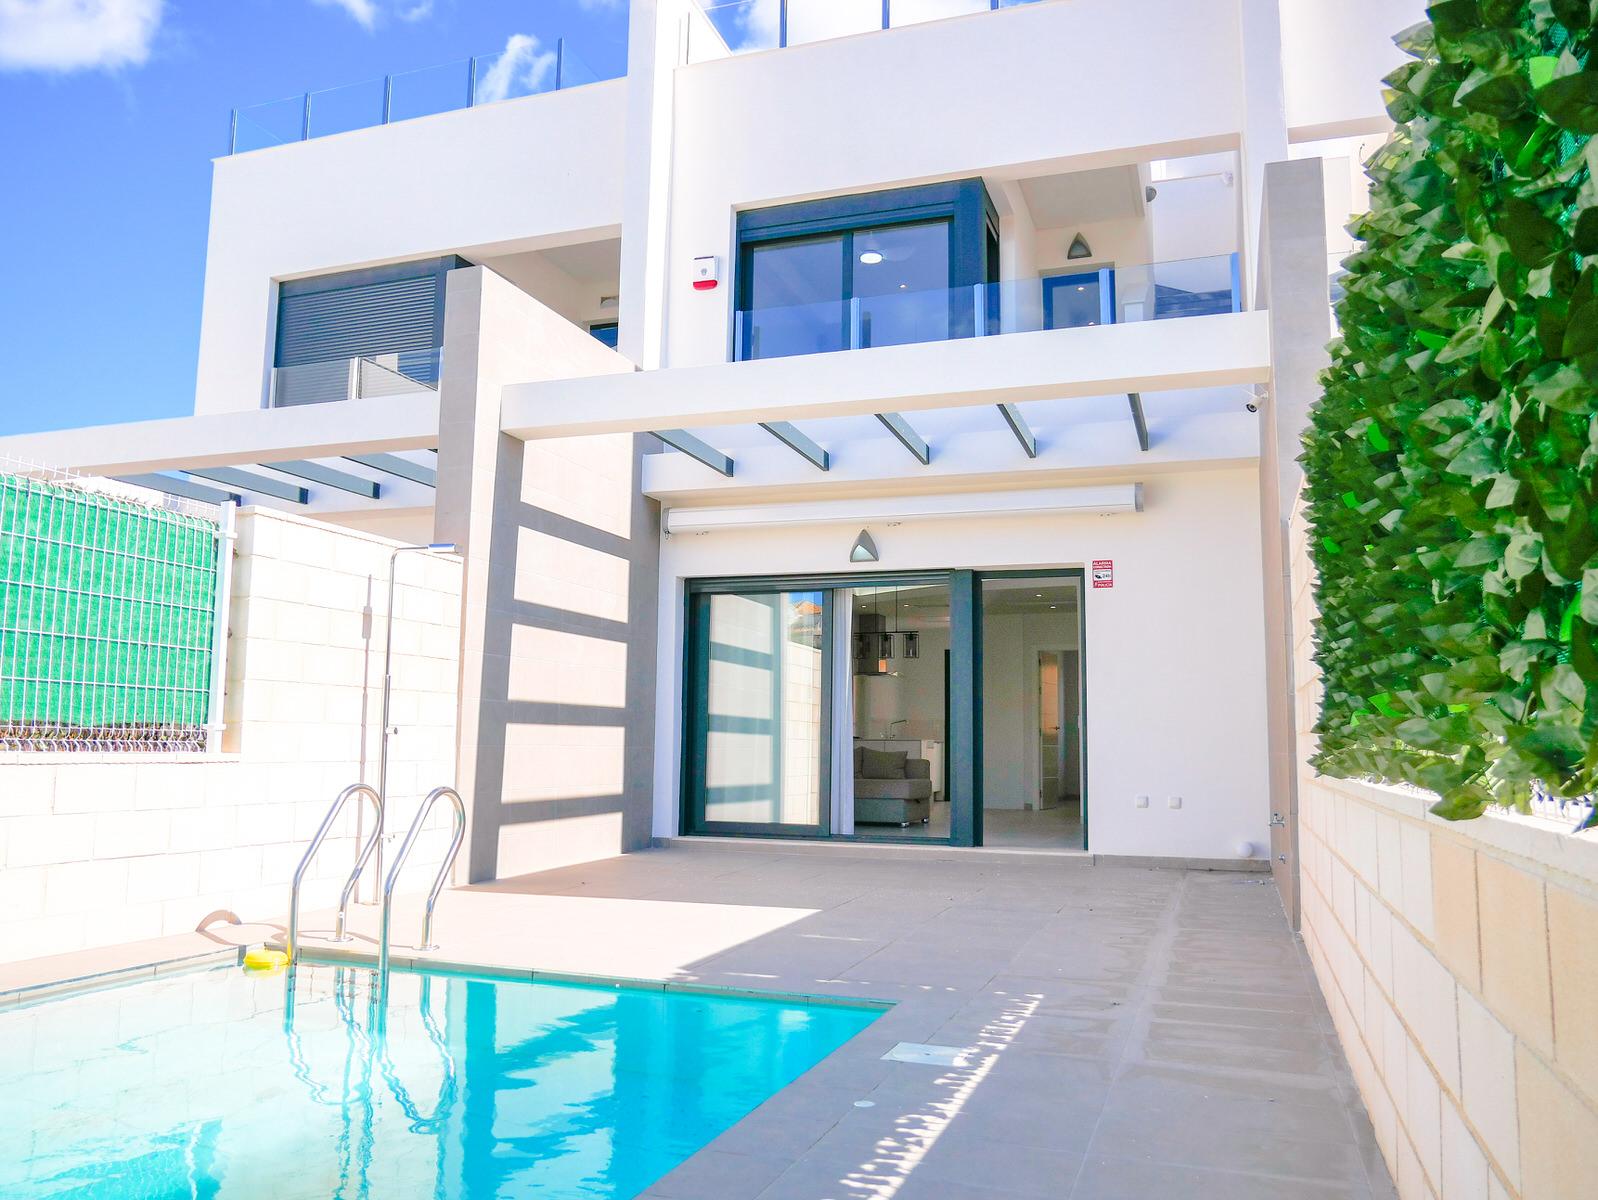 Verbazingwekkende duplex woning te koop in een goed gelegen nieuwere woonwijk van Villamartin, Orihuela Costa.